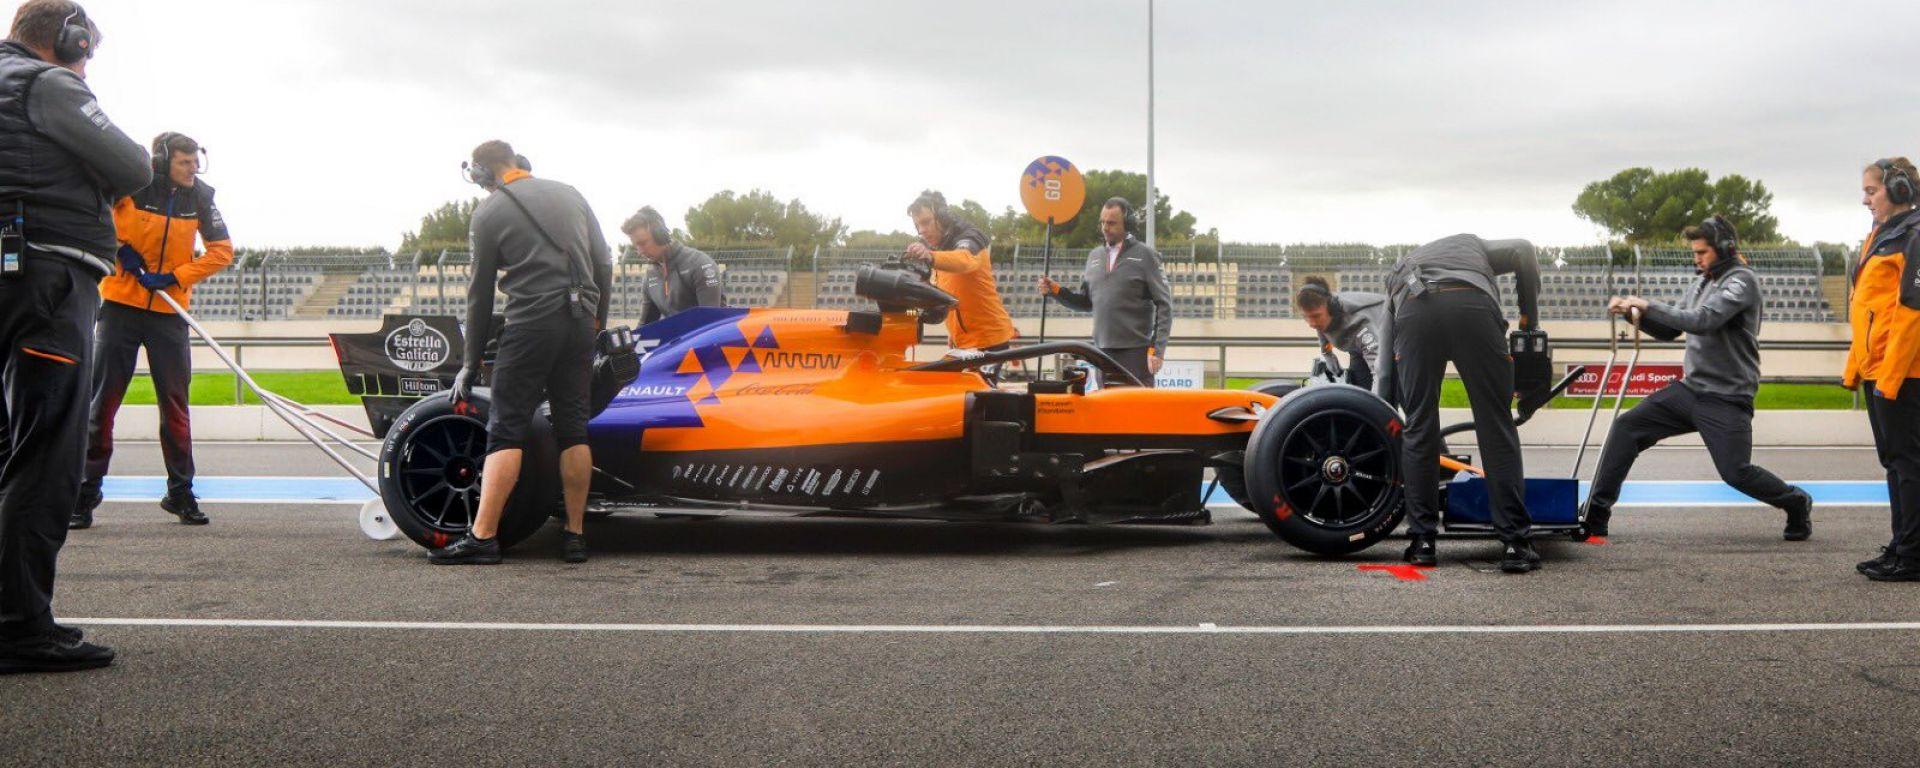 F1, test Pirelli 18